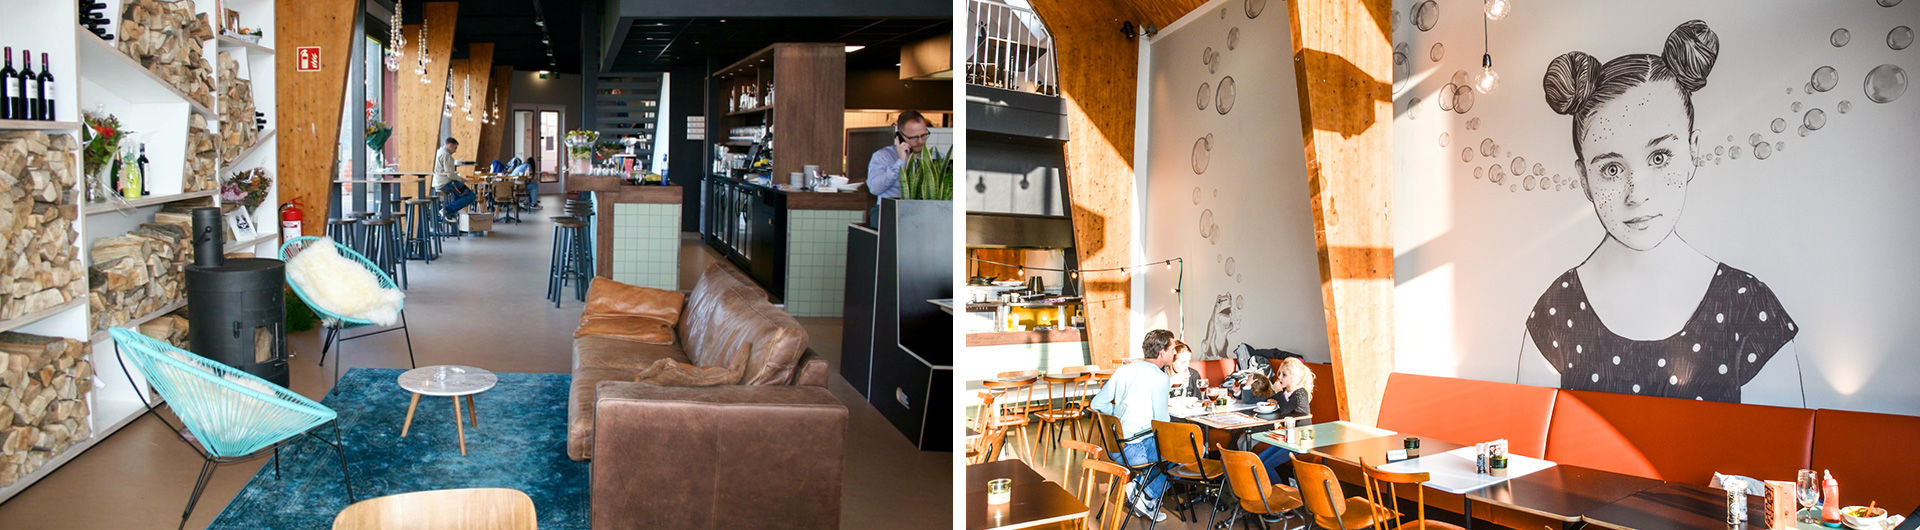 interieur restaurant Bruis Blaricum